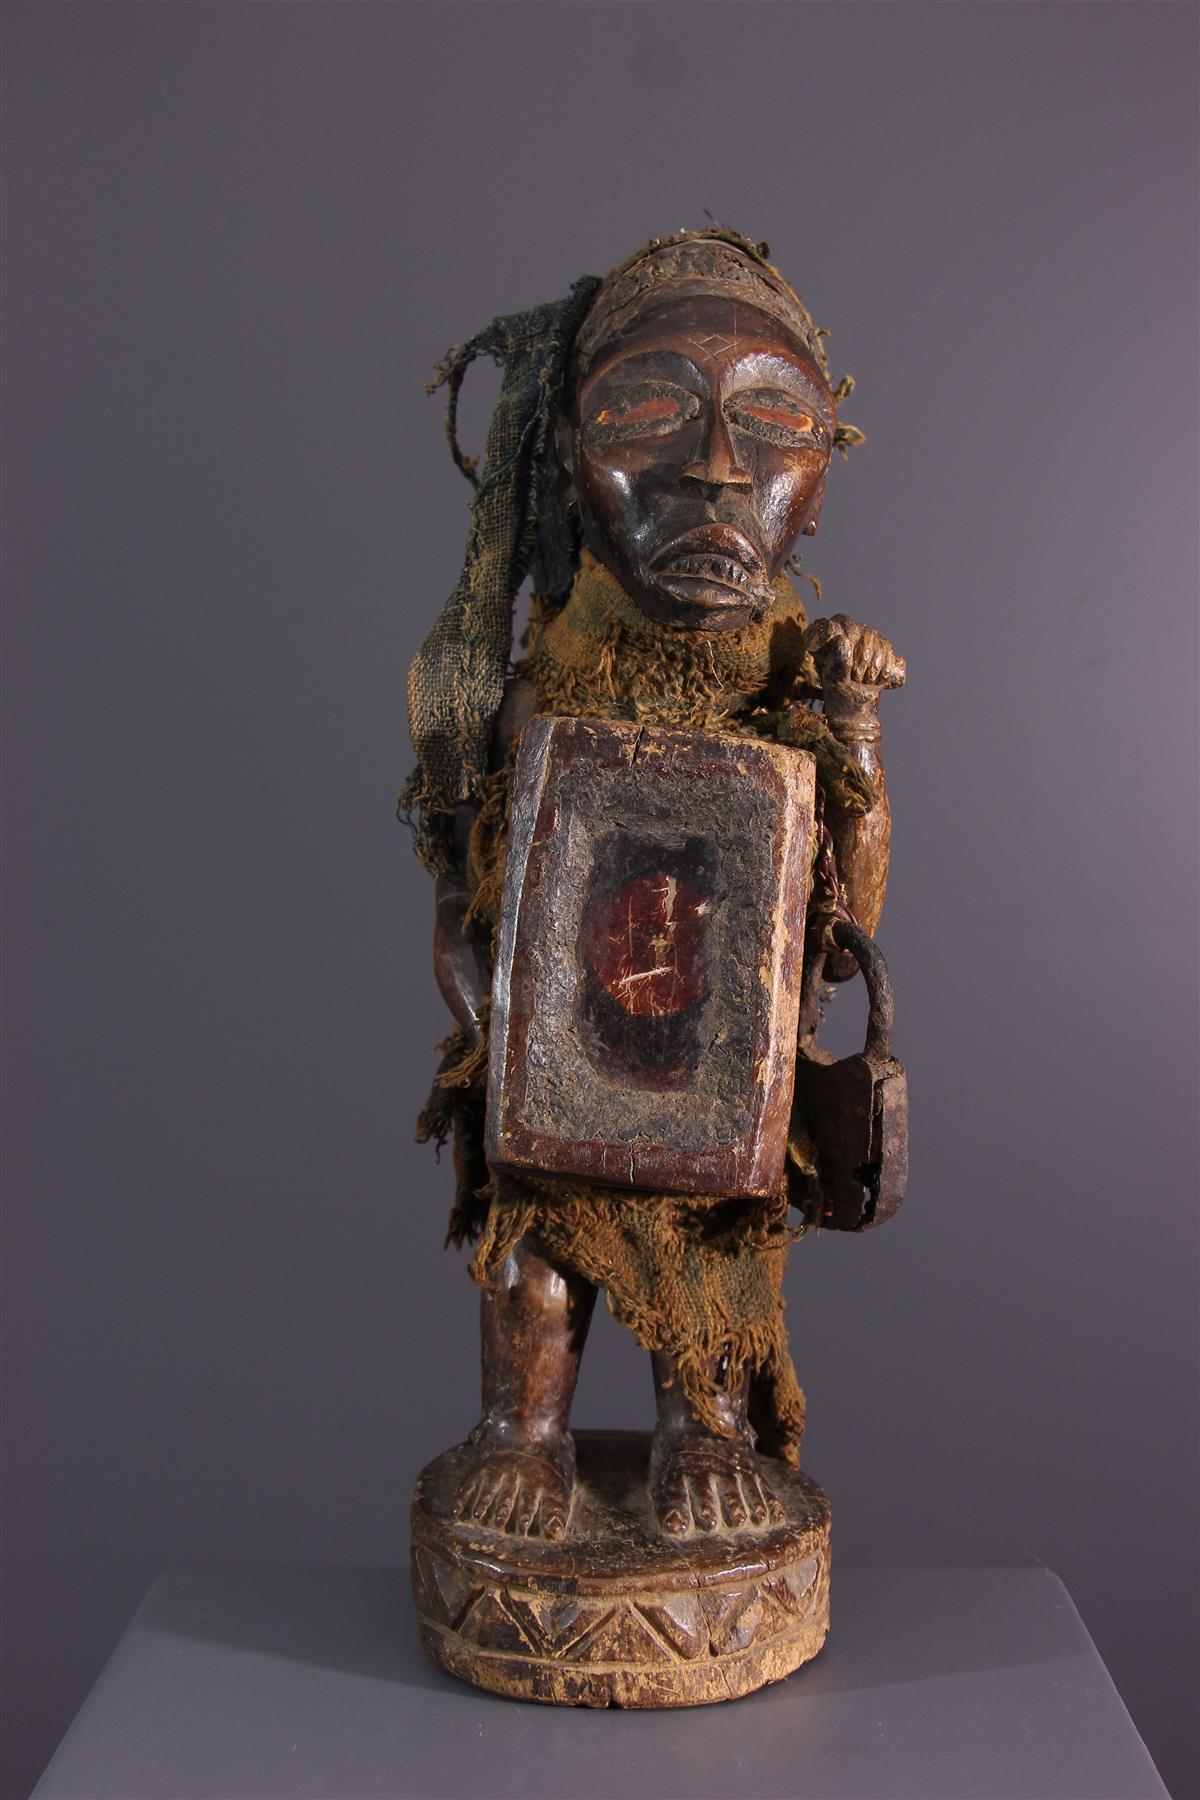 Vili Fetish - Tribal art